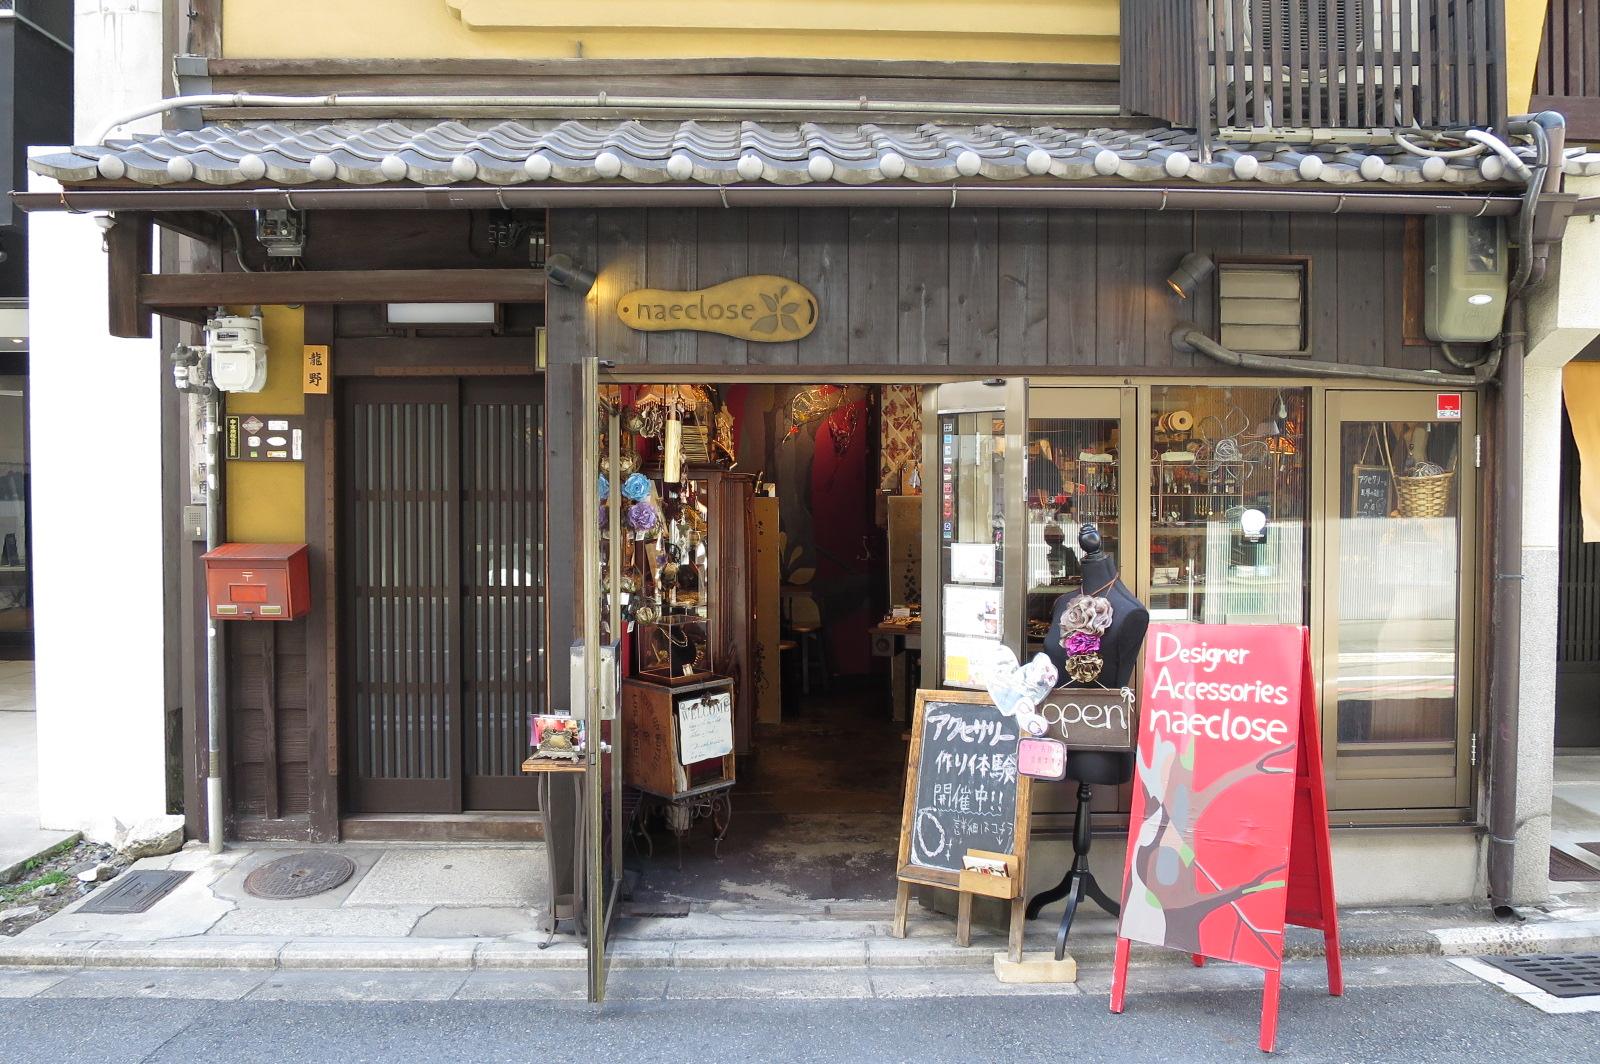 アートアクセサリー店「naeclose(ネイクローズ)」。すべてオリジナルのハンドメイドのお店。